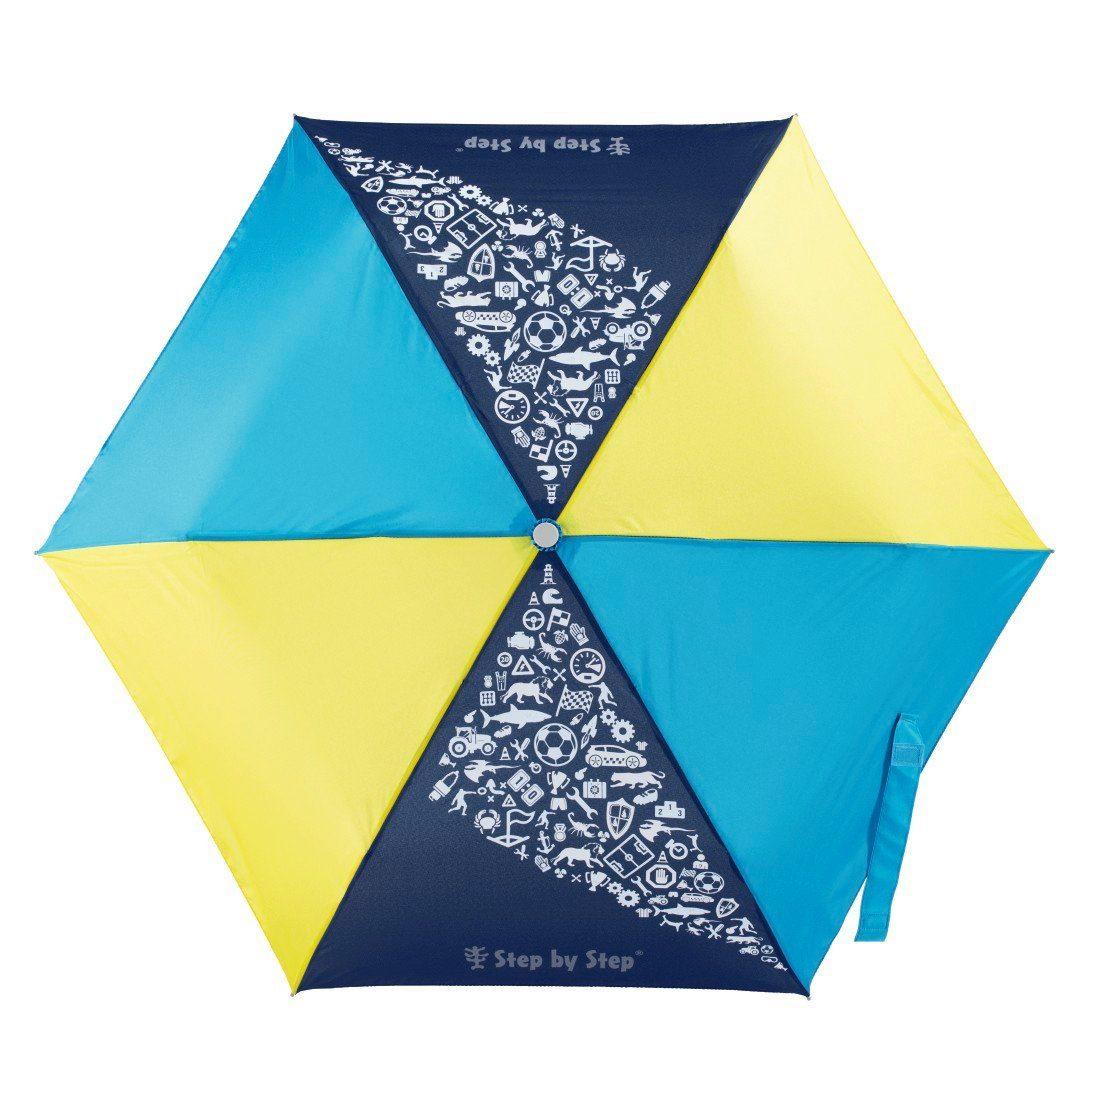 Step by Step Regenschirm Jungen Kinder Taschenschirm Blau Gelb »Blue & Yellow Mini Rain Effect« | Accessoires > Regenschirme | STEP BY STEP